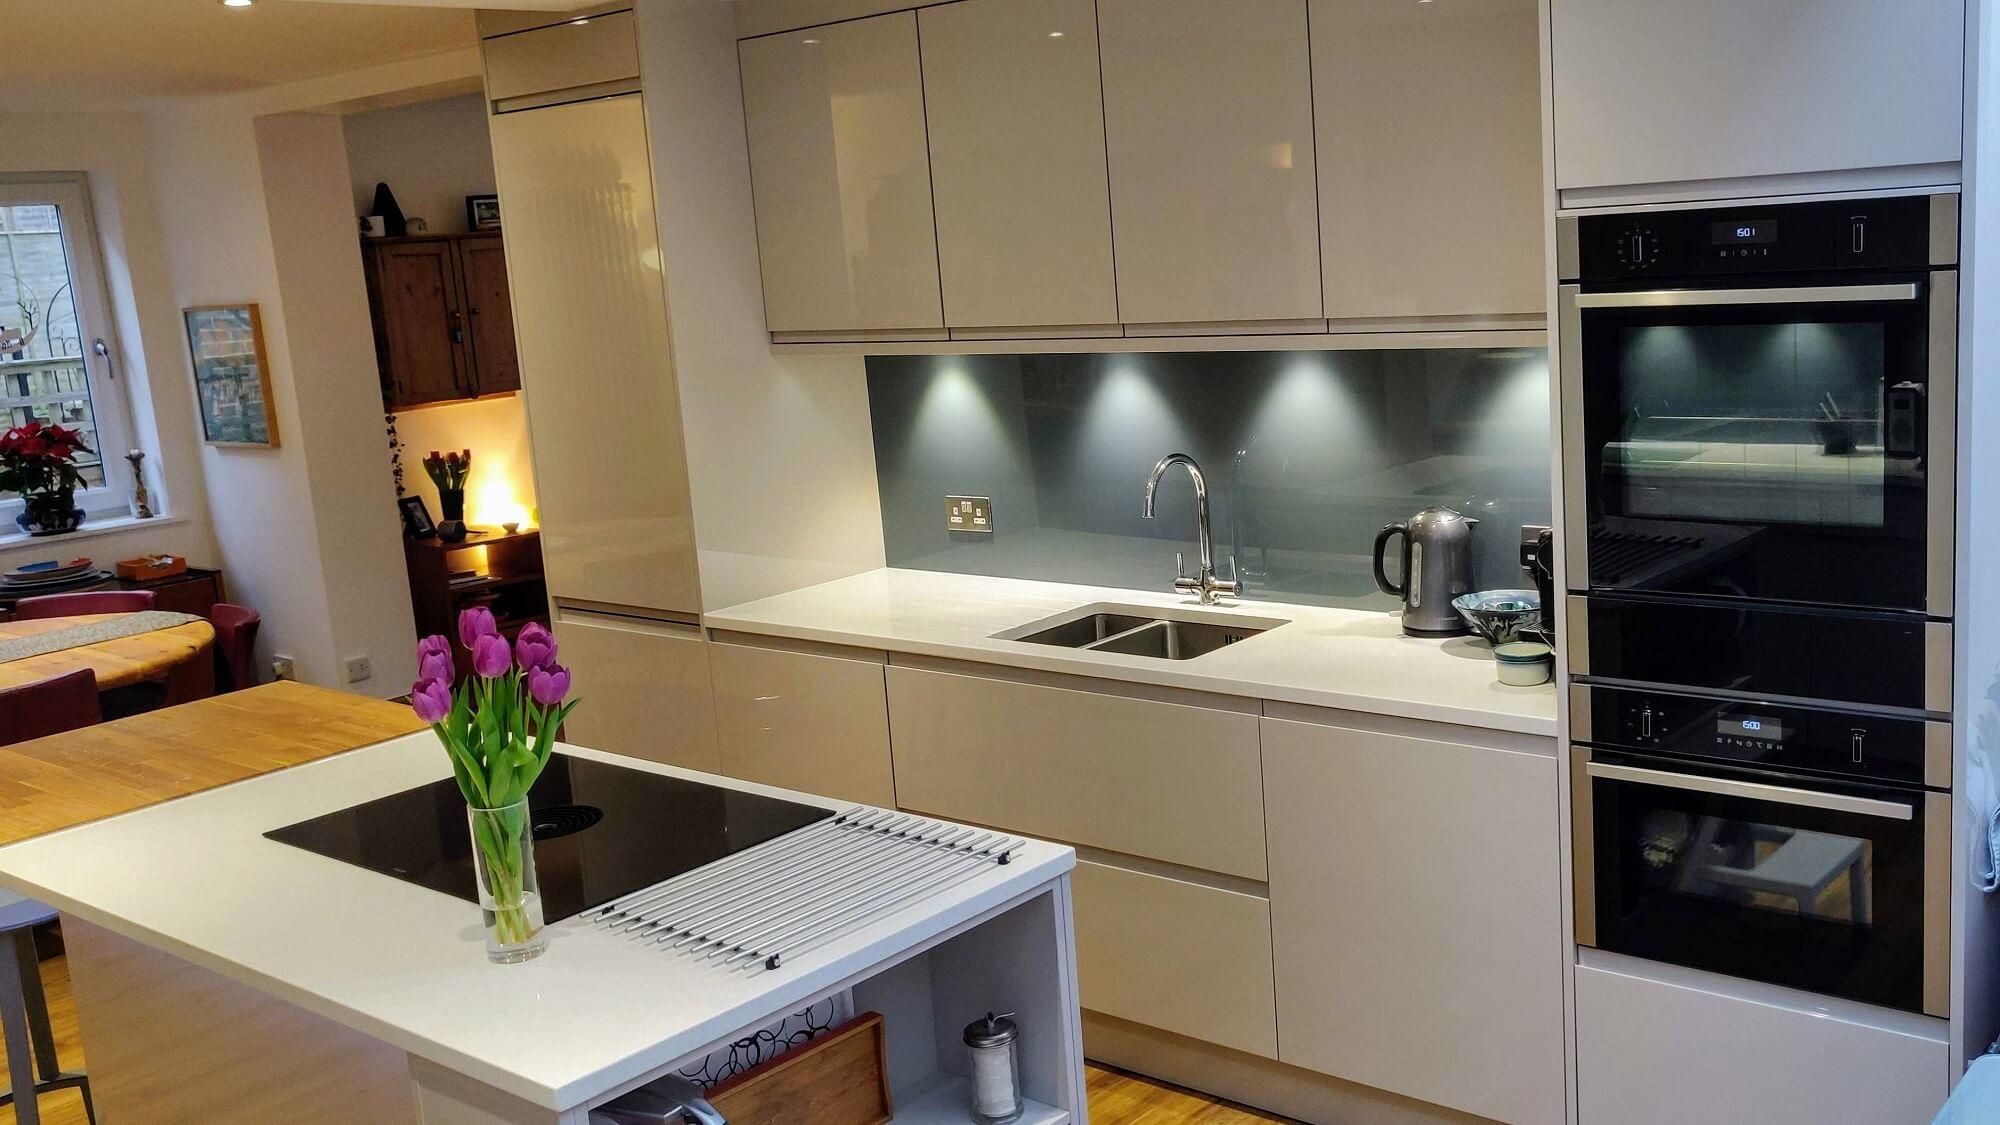 Gloss Cashmere Kitchen Cabinets Petrol Blue Splashback White Quartz